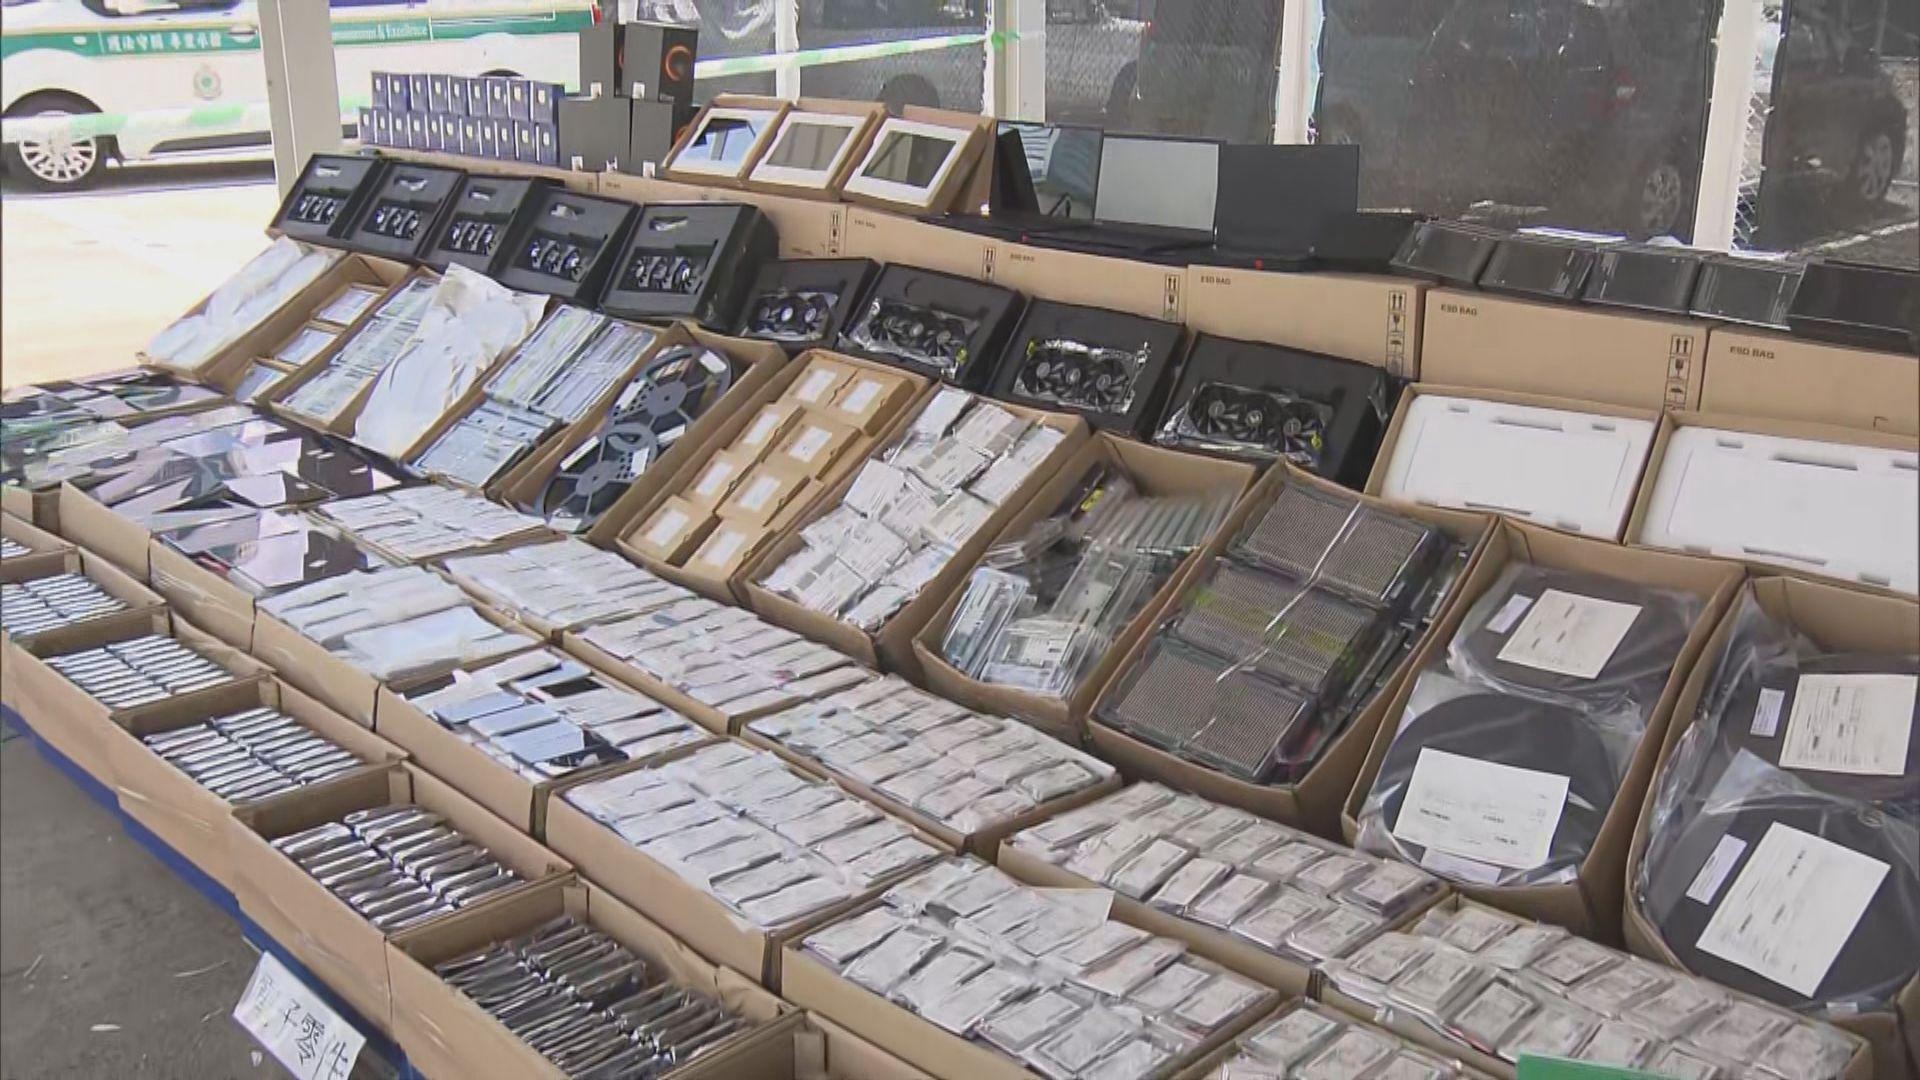 海關破獲五千萬元走私案包括琥珀原石 涉案人逃往內地